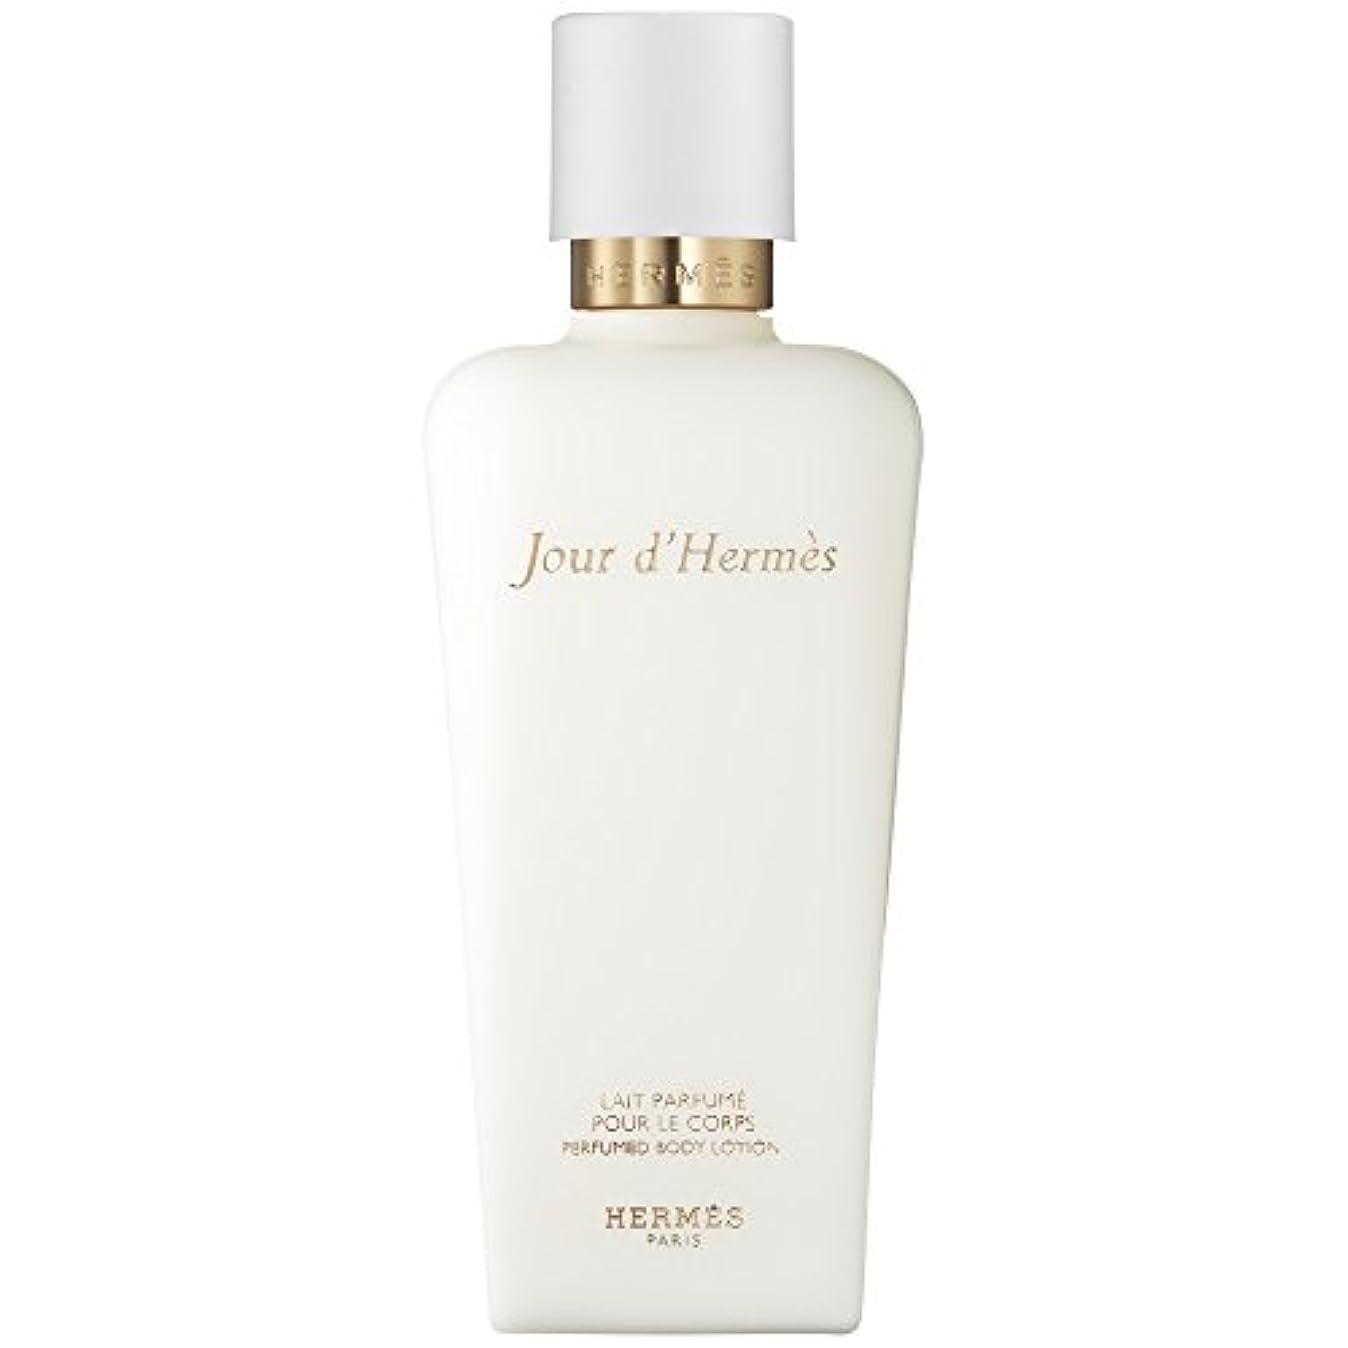 タブレット抗議一族エルメスJourのドールエルメス賦香ボディローション200ミリリットル (HERM?S) (x2) - HERM?S Jour d'Herm?s Perfumed Body Lotion 200ml (Pack of 2...